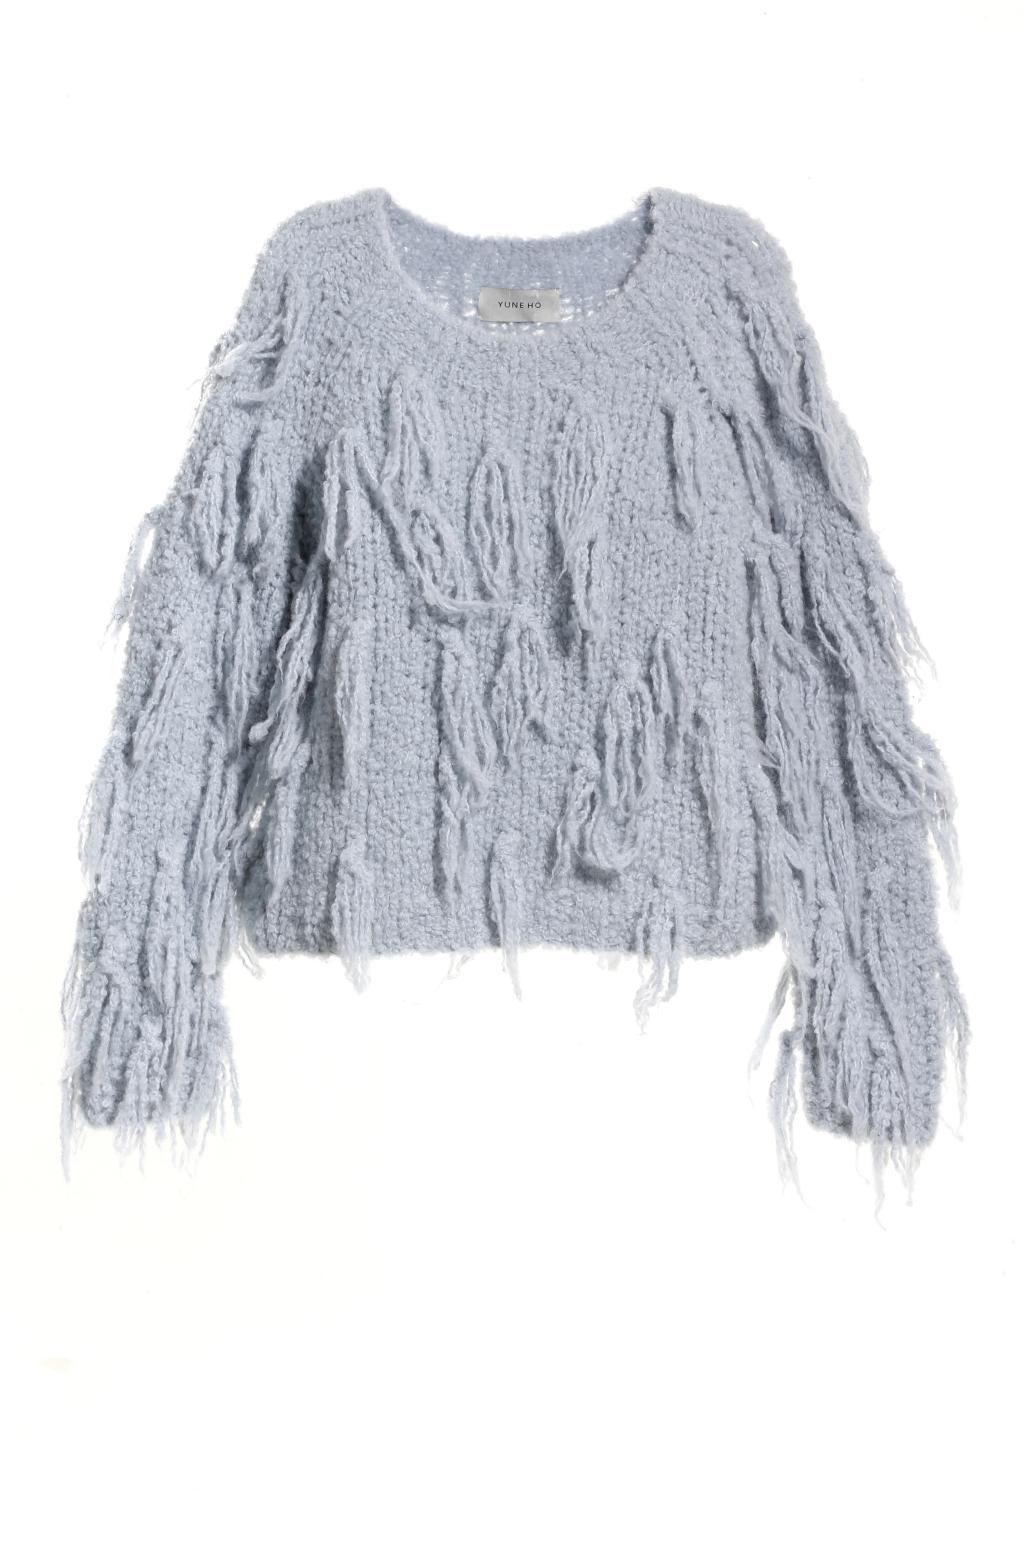 Модный серый свитер тренд сезона из коллекции Yune Ho.